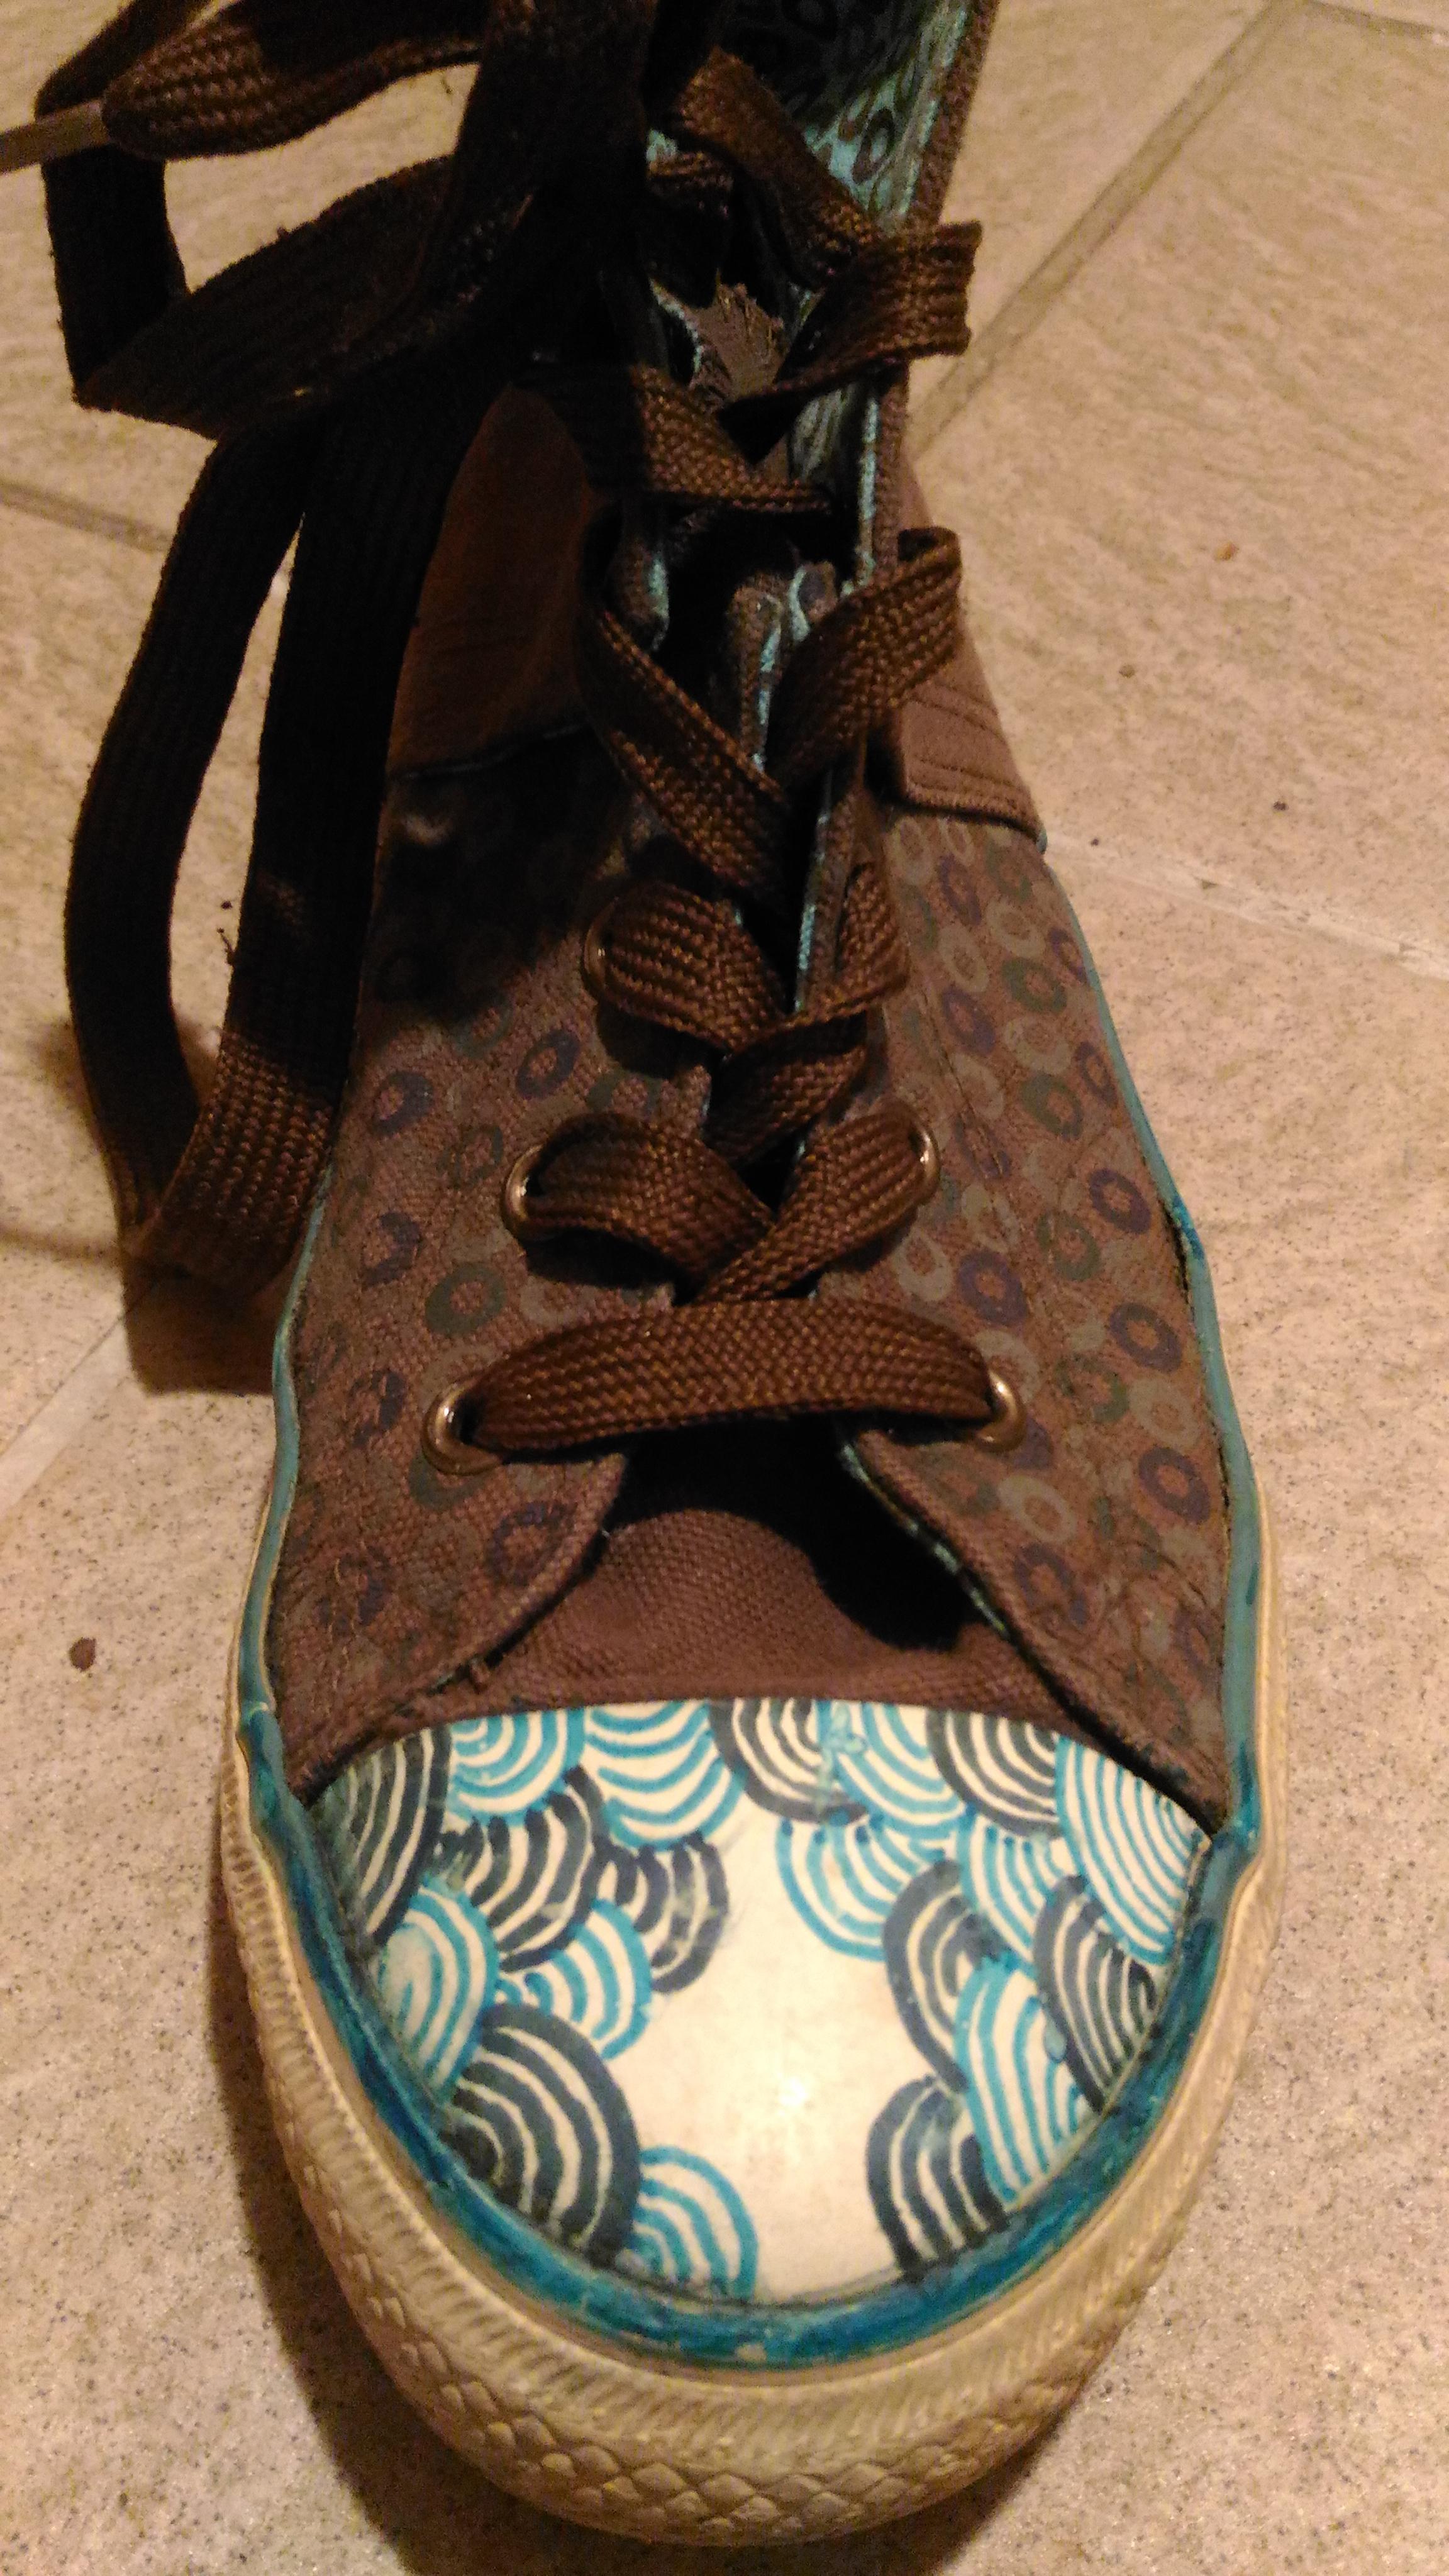 troc de troc chaussures type converse image 1